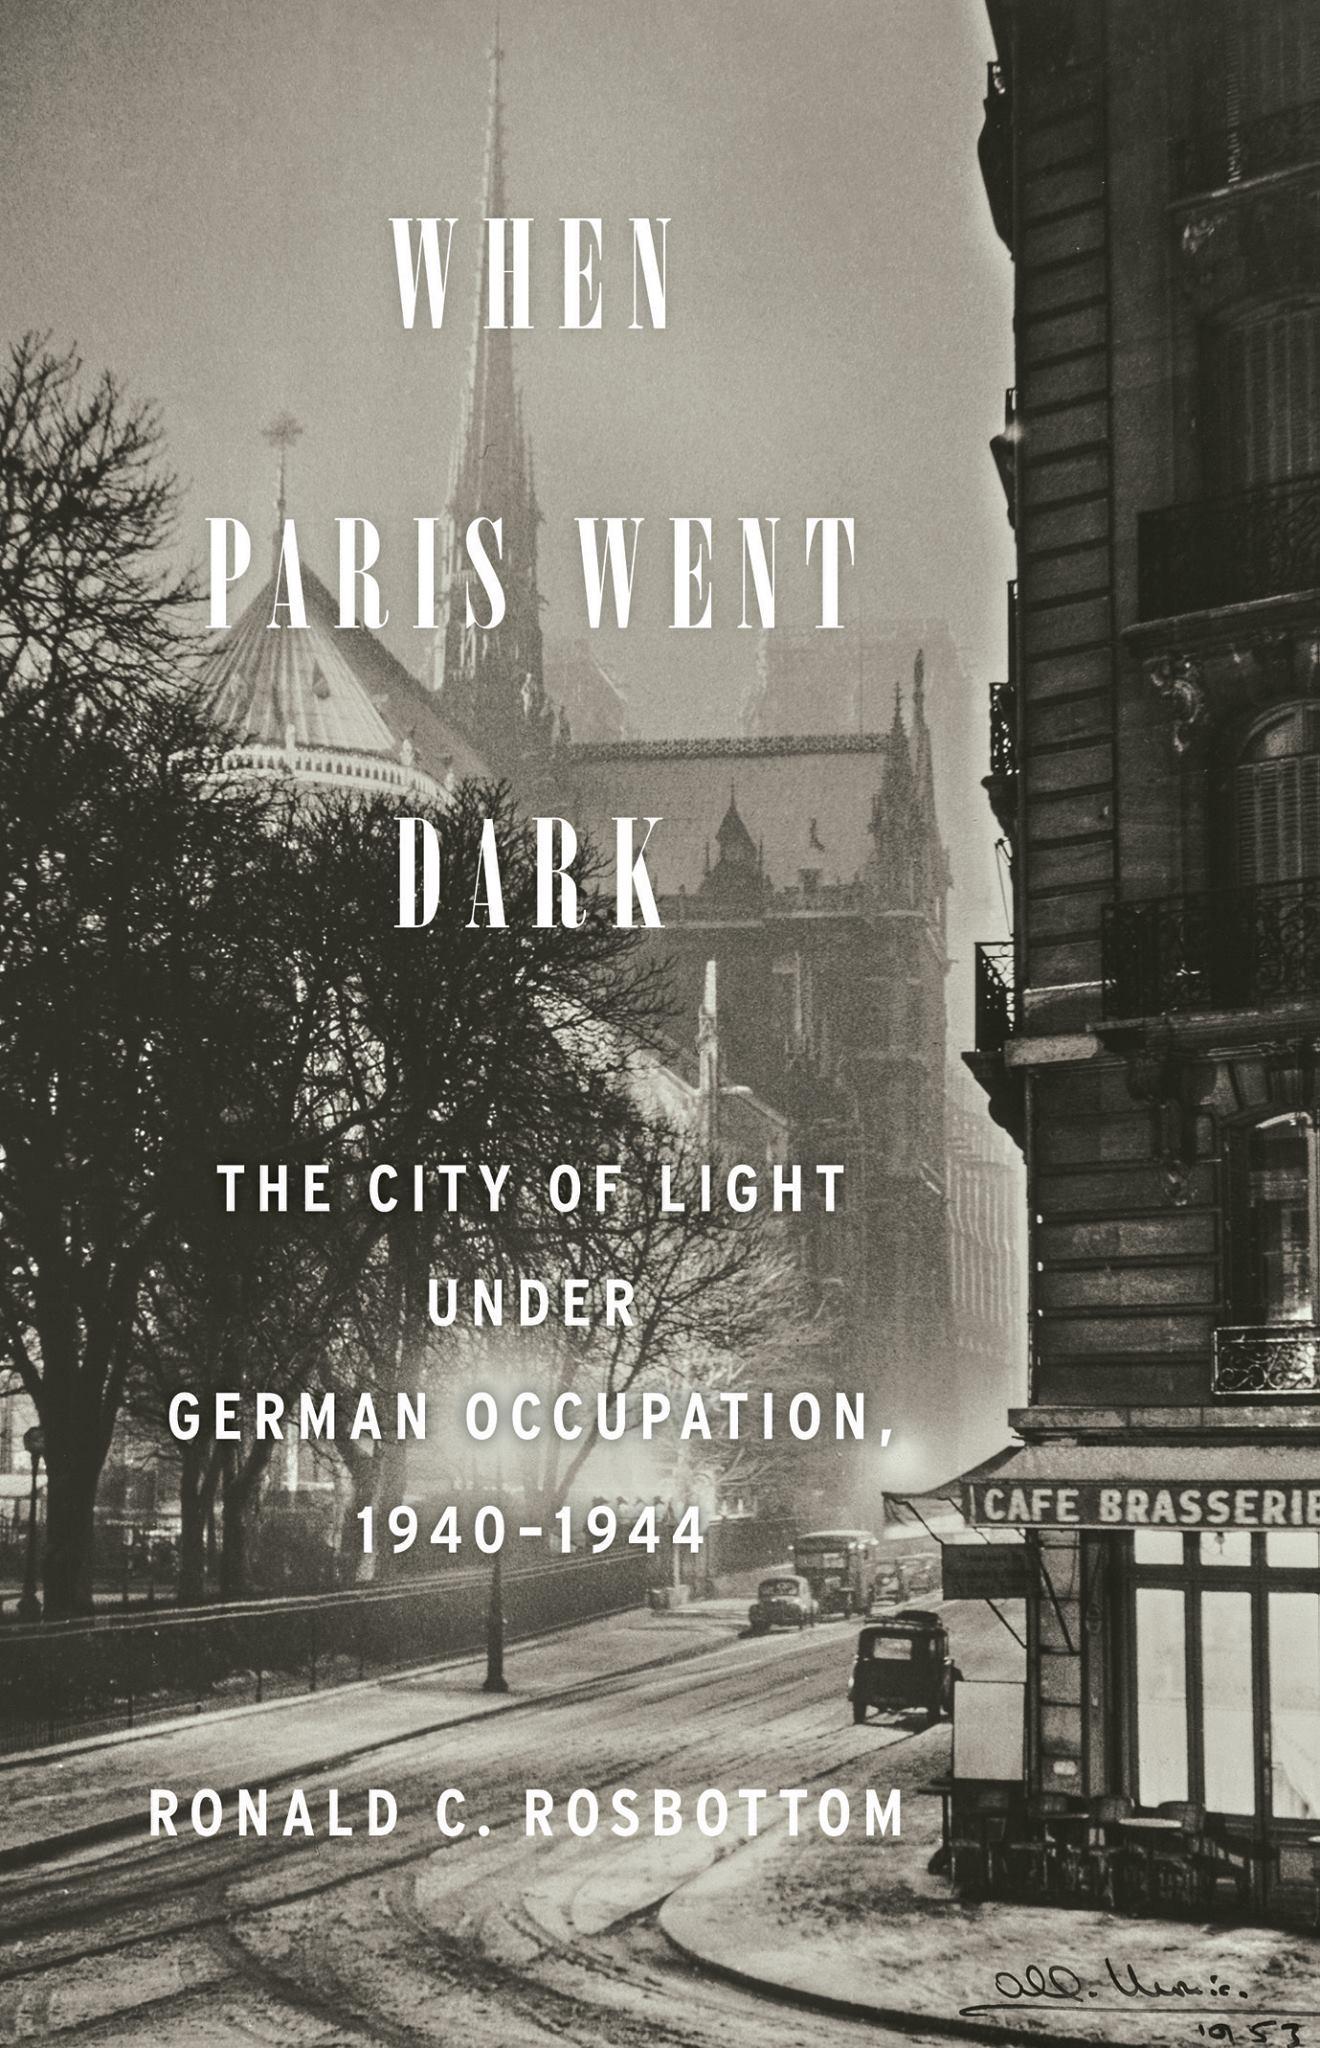 When Paris Went Dark by Ronald Rosbottom